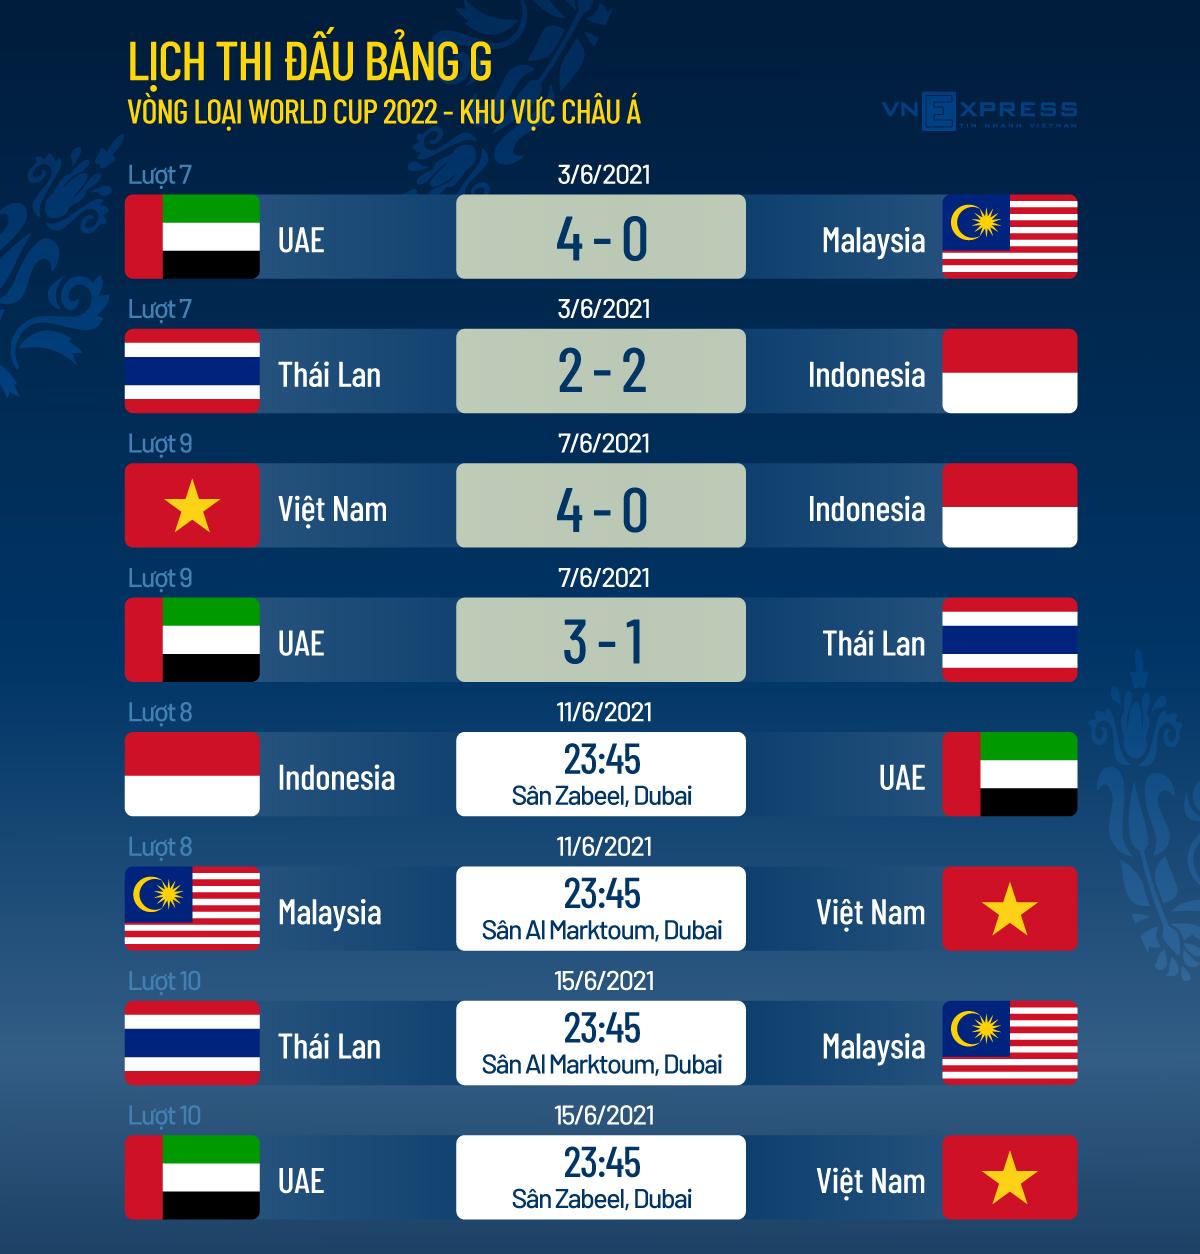 HLV Park gạch Tuấn Anh khỏi trận Malaysia - 2